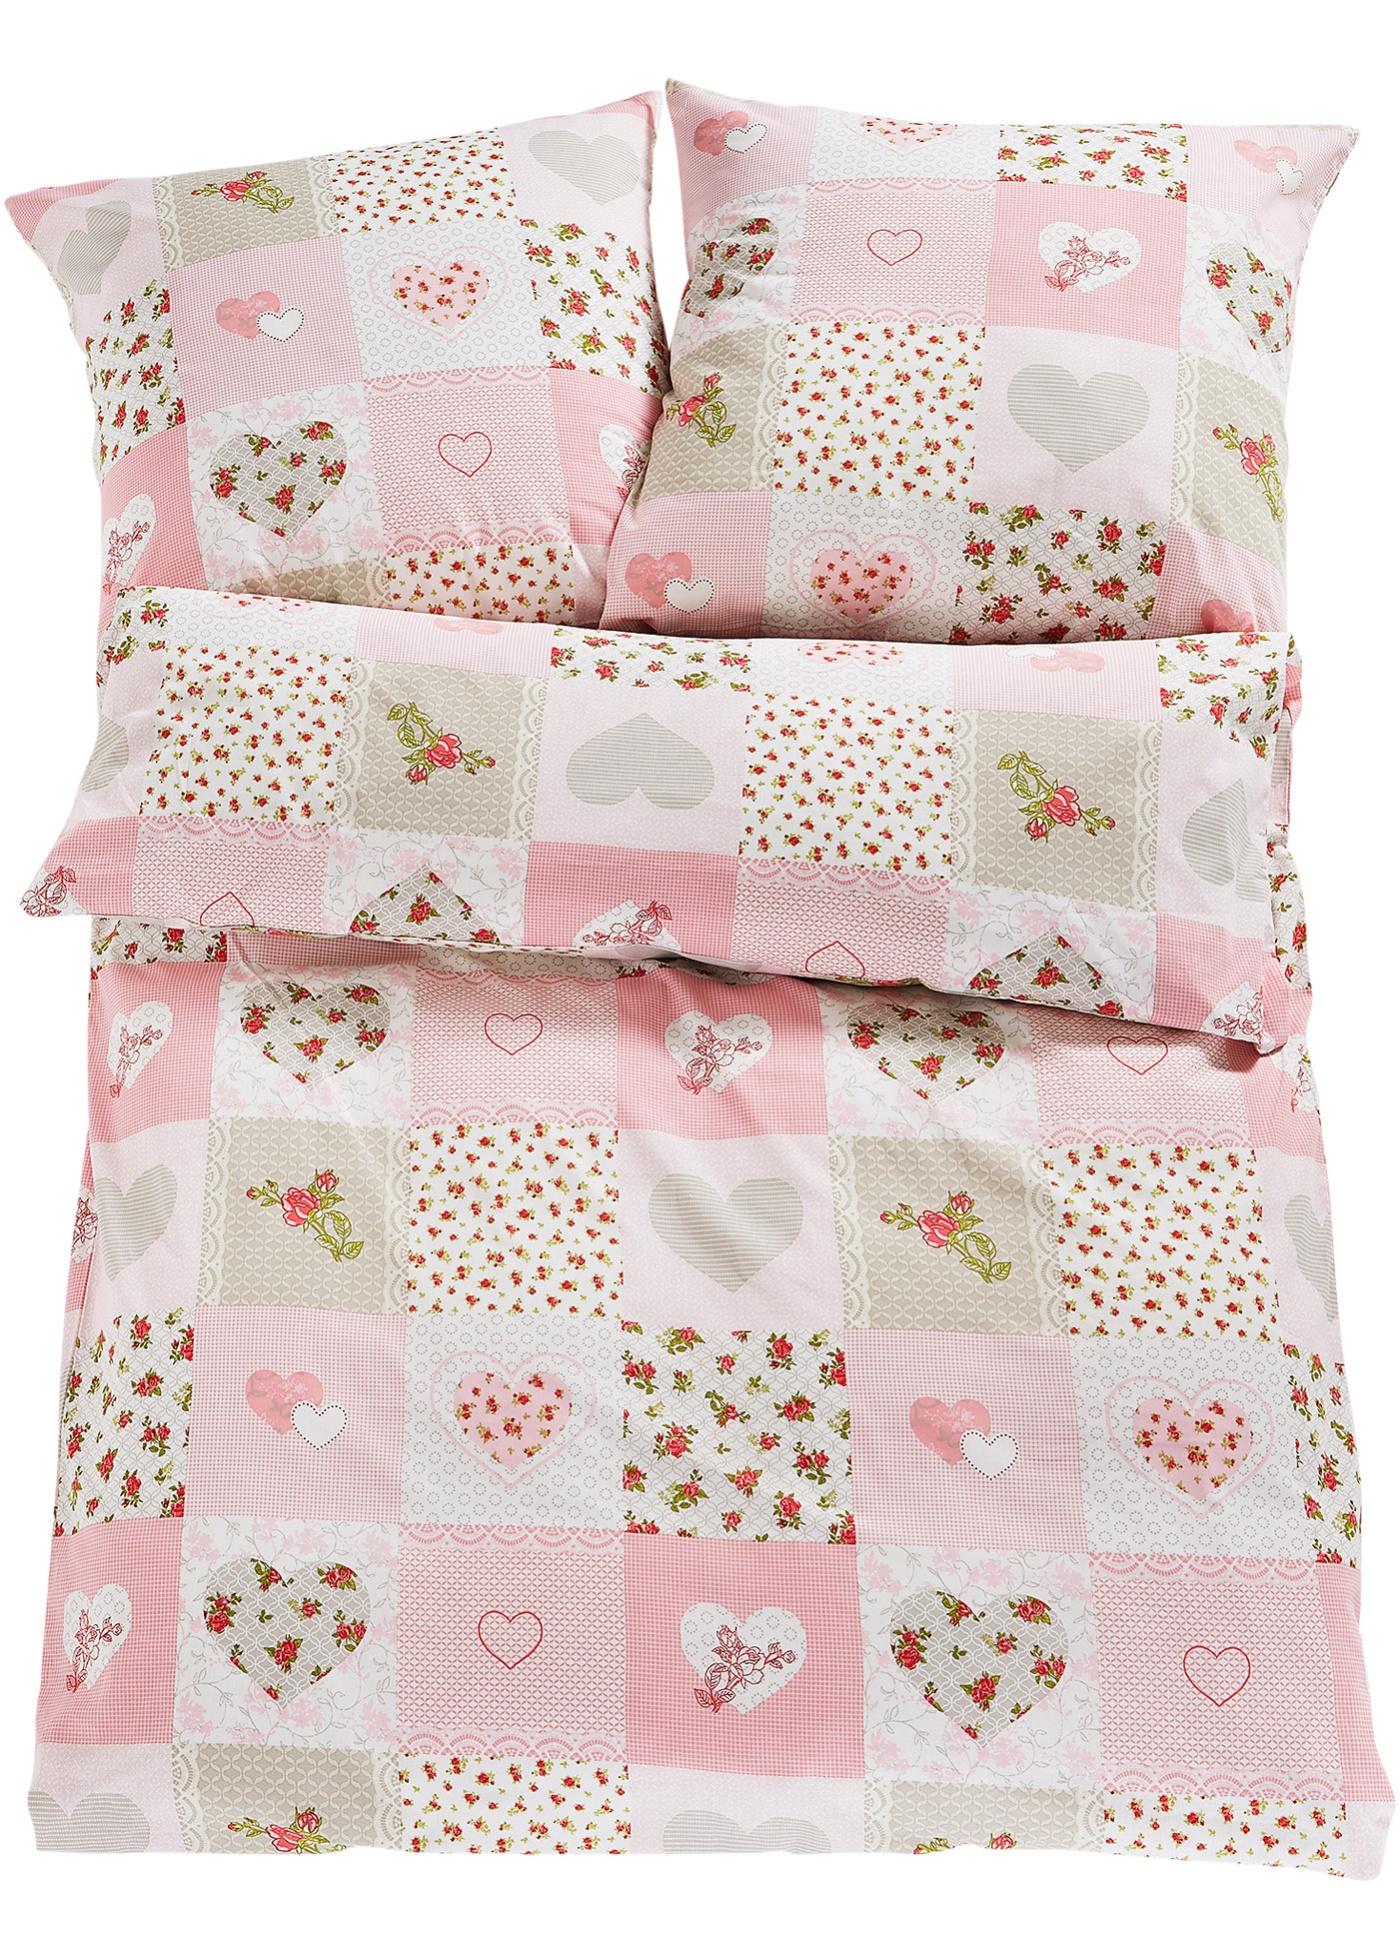 Linge de lit imprimé style patchwork mêlant cœurs et adorables couleurs. Créez une ambiance cottage avec toute la convivialité qui la caractérise dans votre chambre à coucher. Disponible en différentes qualités de coton et en parure 2 ou 4 pces.